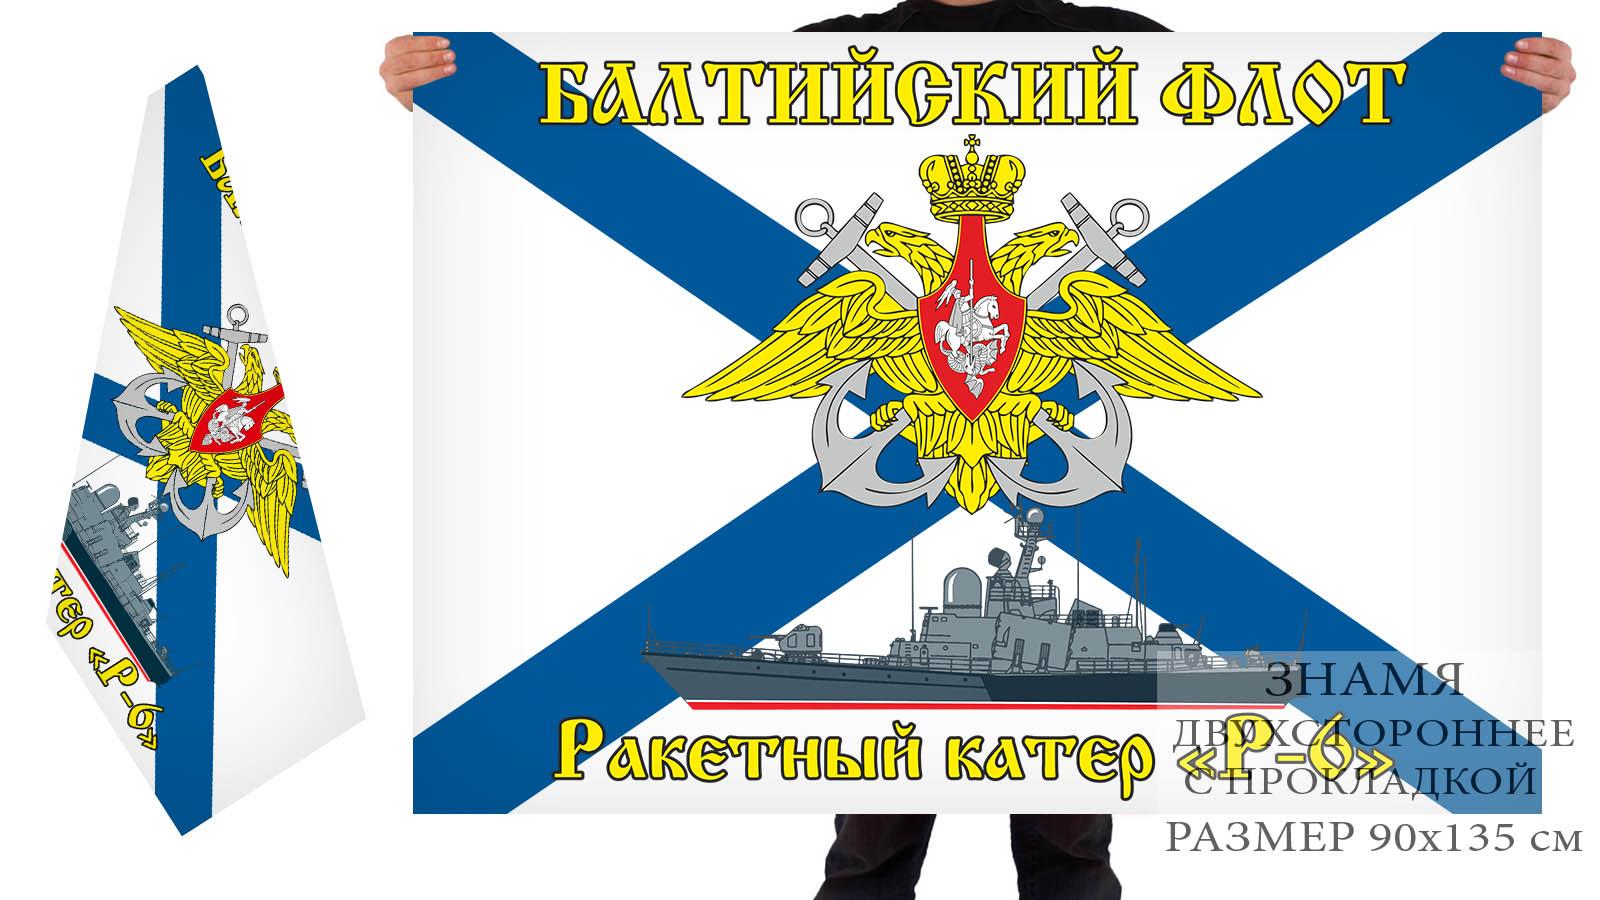 """Двусторонний флаг РКА """"Р-6"""""""